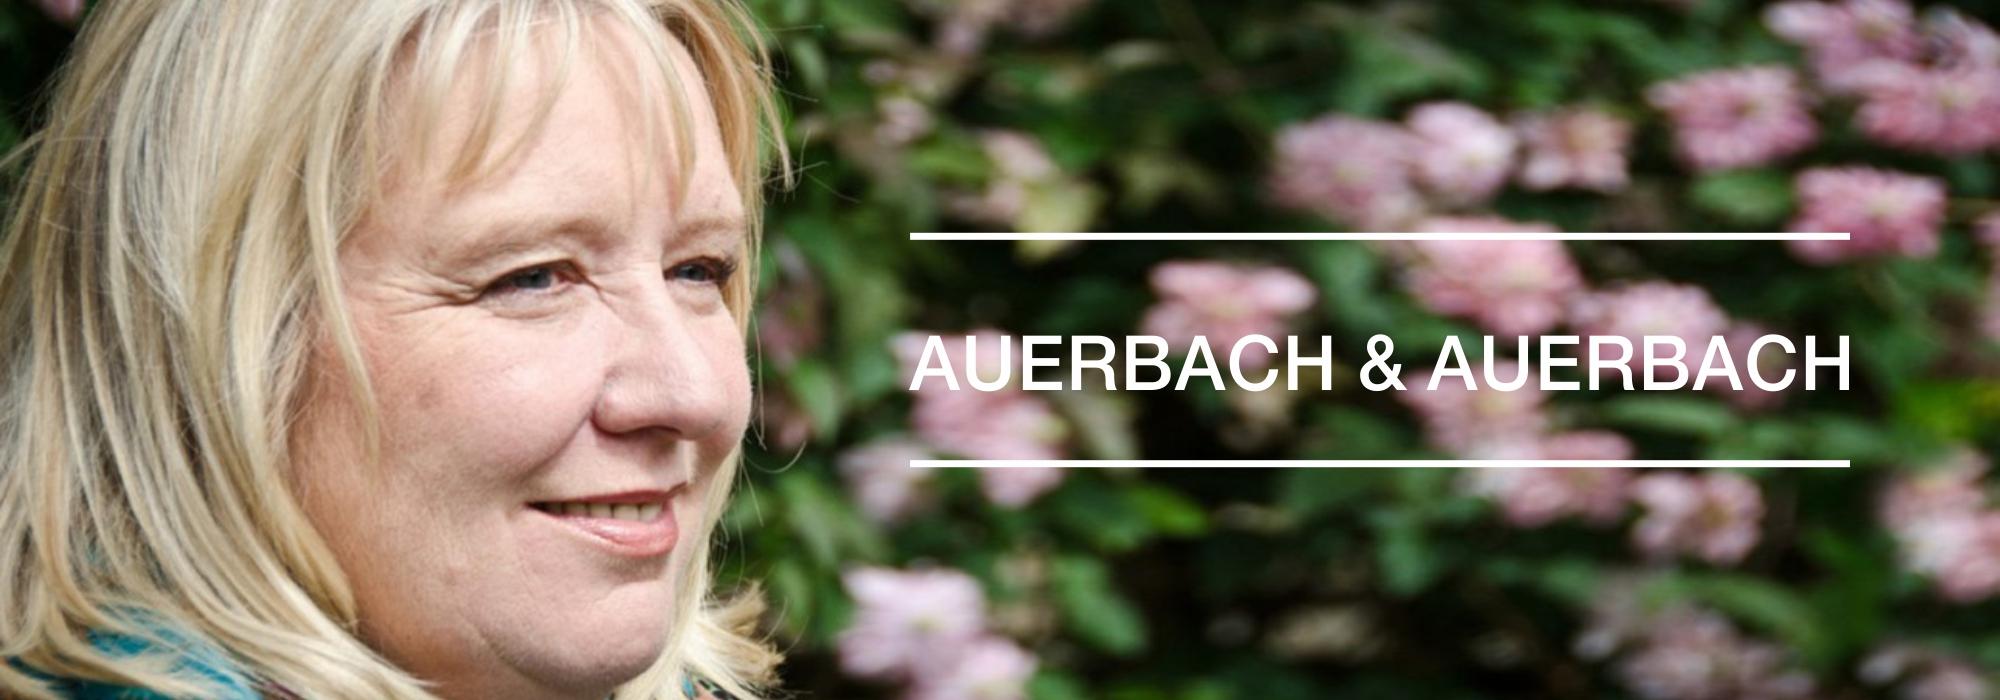 Auerbach & Keller